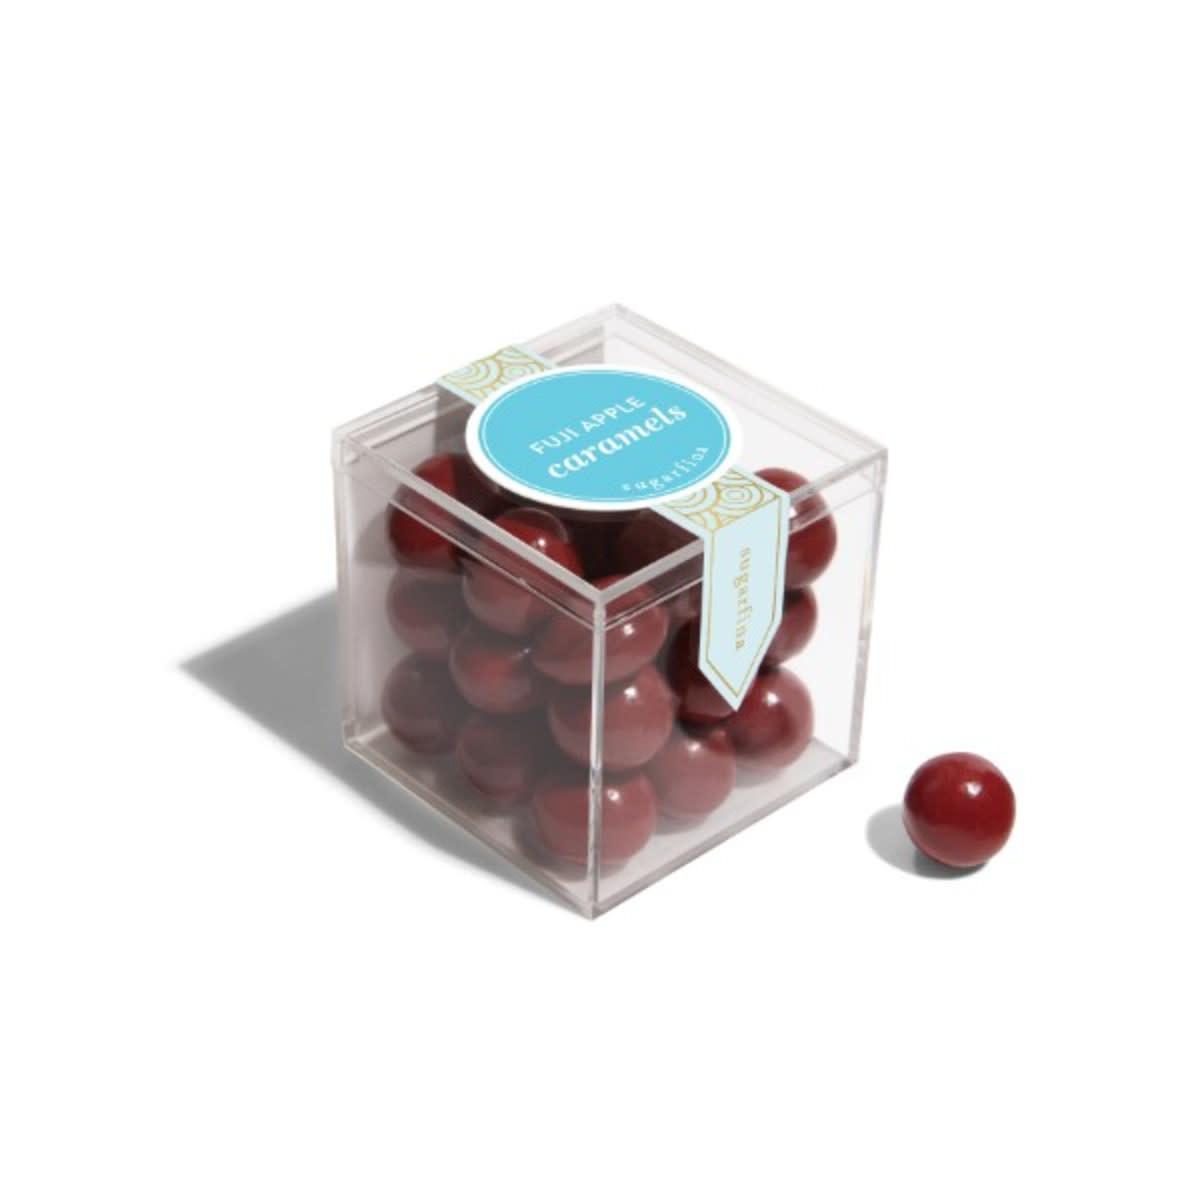 Sugarfina - SU SU FAD - Red Apple Caramels Small Cube